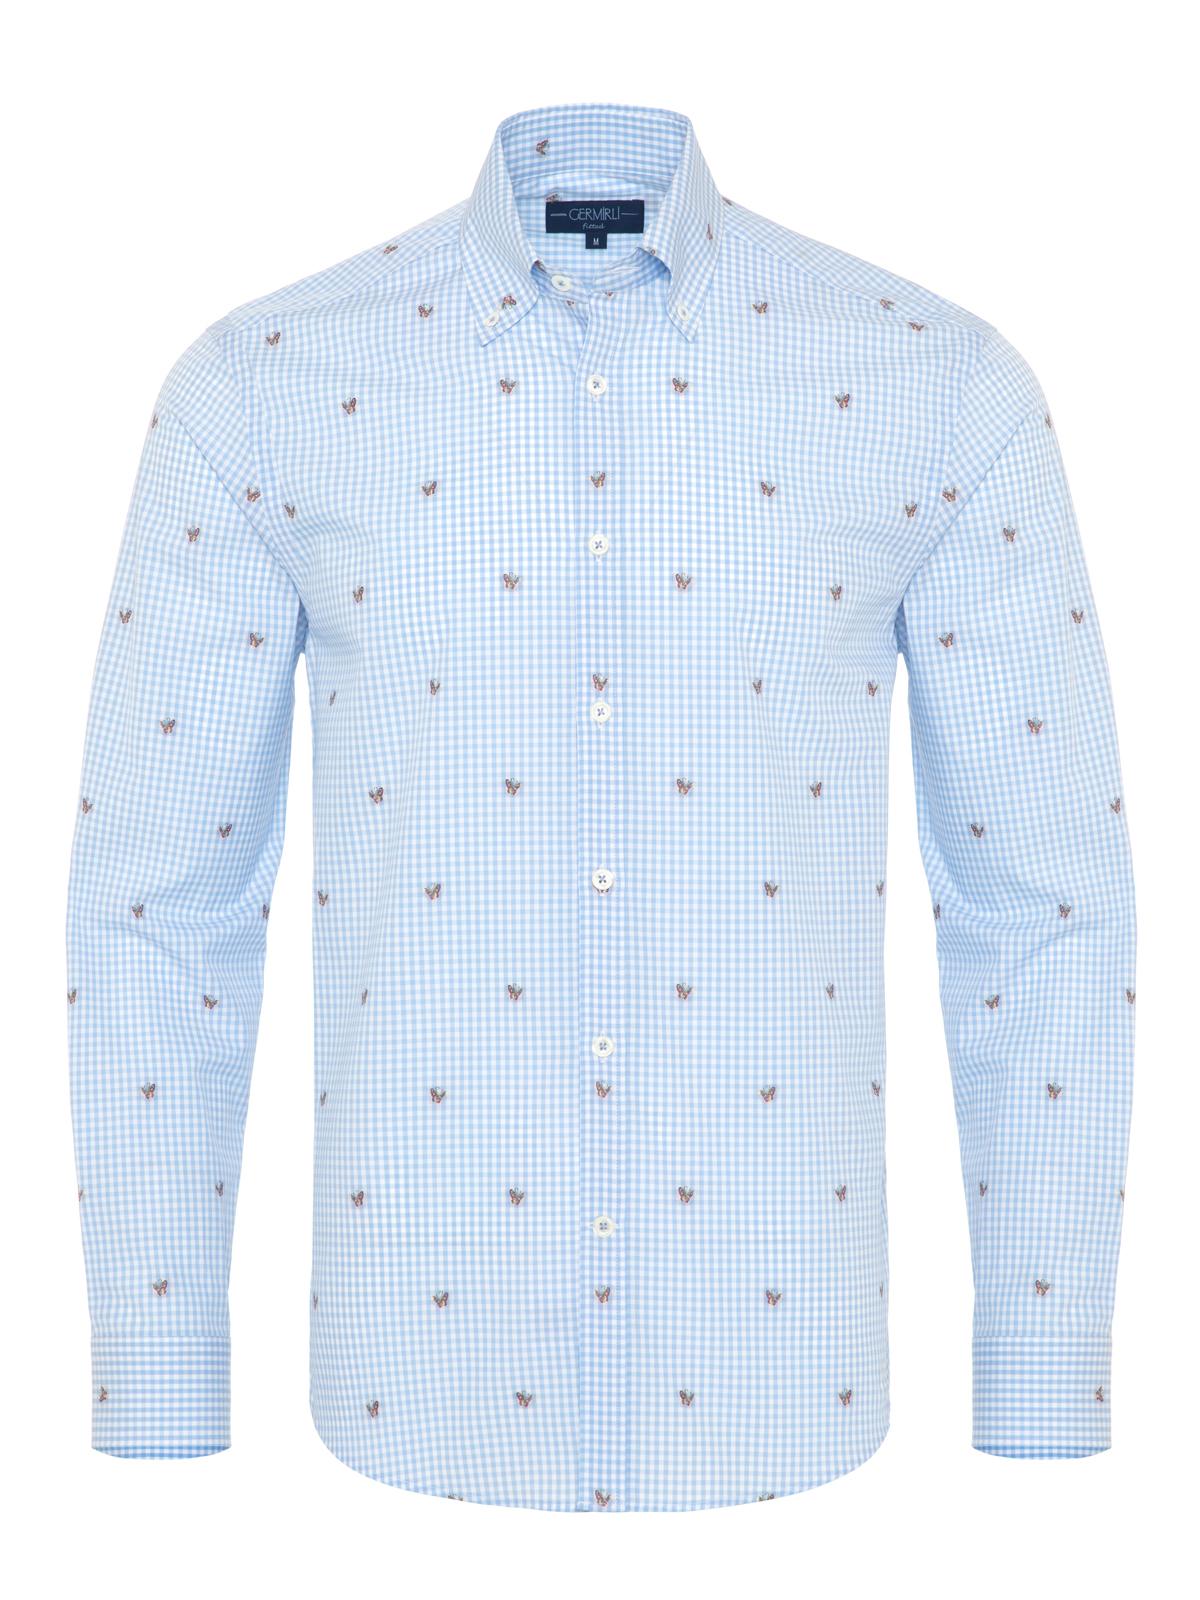 Germirli Mavi Beyaz Kareli Kelebek İşlemeli Düğmeli Yaka Tailor Fit Gömlek